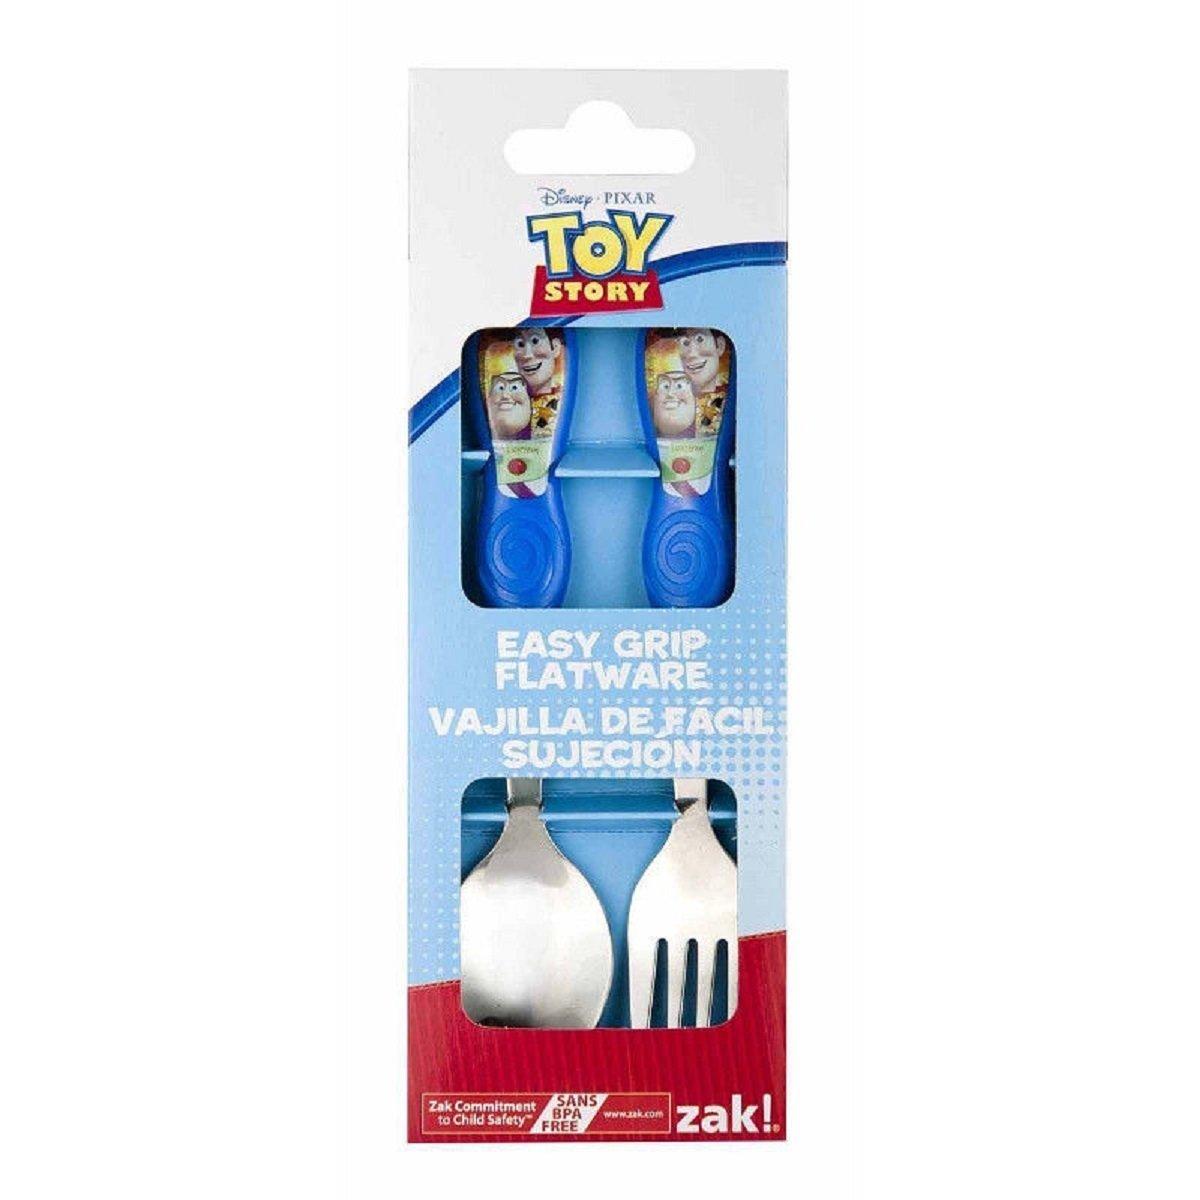 代引き人気 Disney Toy Set Story Fork Easy Grip Toddler Fork B00LFR618M and Spoon Flatware Set by Toy Story B00LFR618M, 高島町:74df7ec9 --- a0267596.xsph.ru